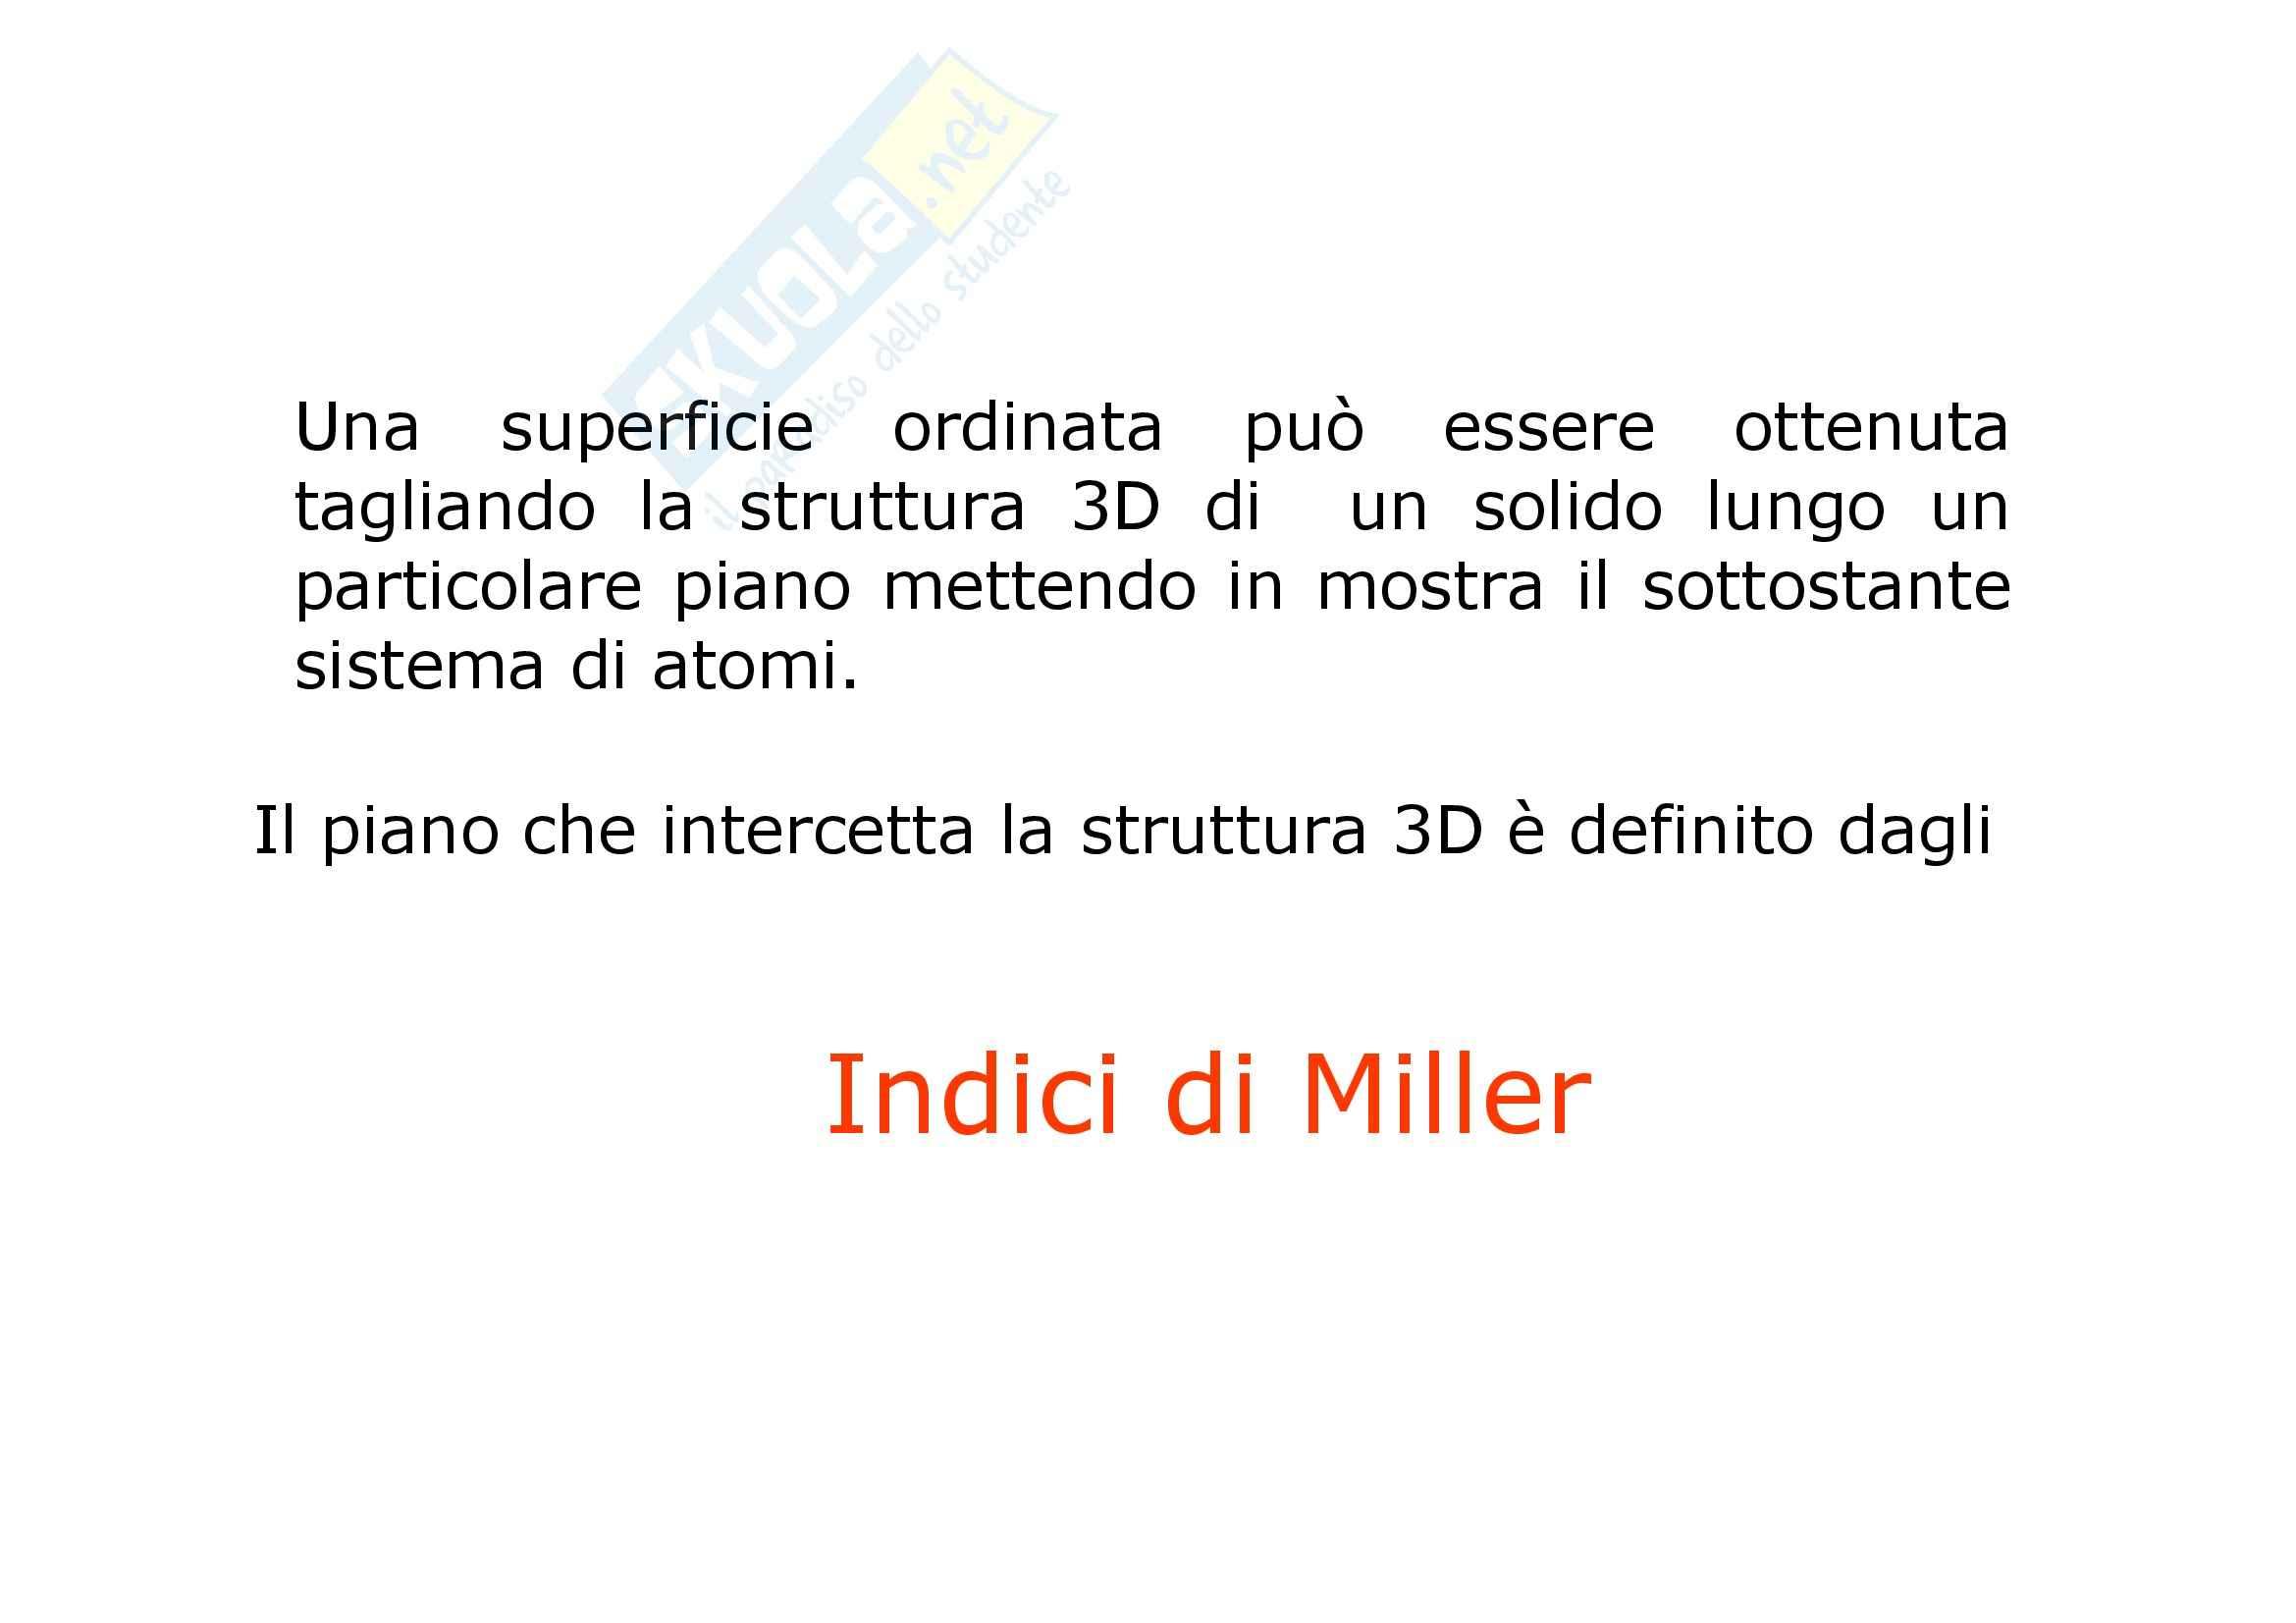 Mineralogia - Come Mettere Gli Indici Di Miller